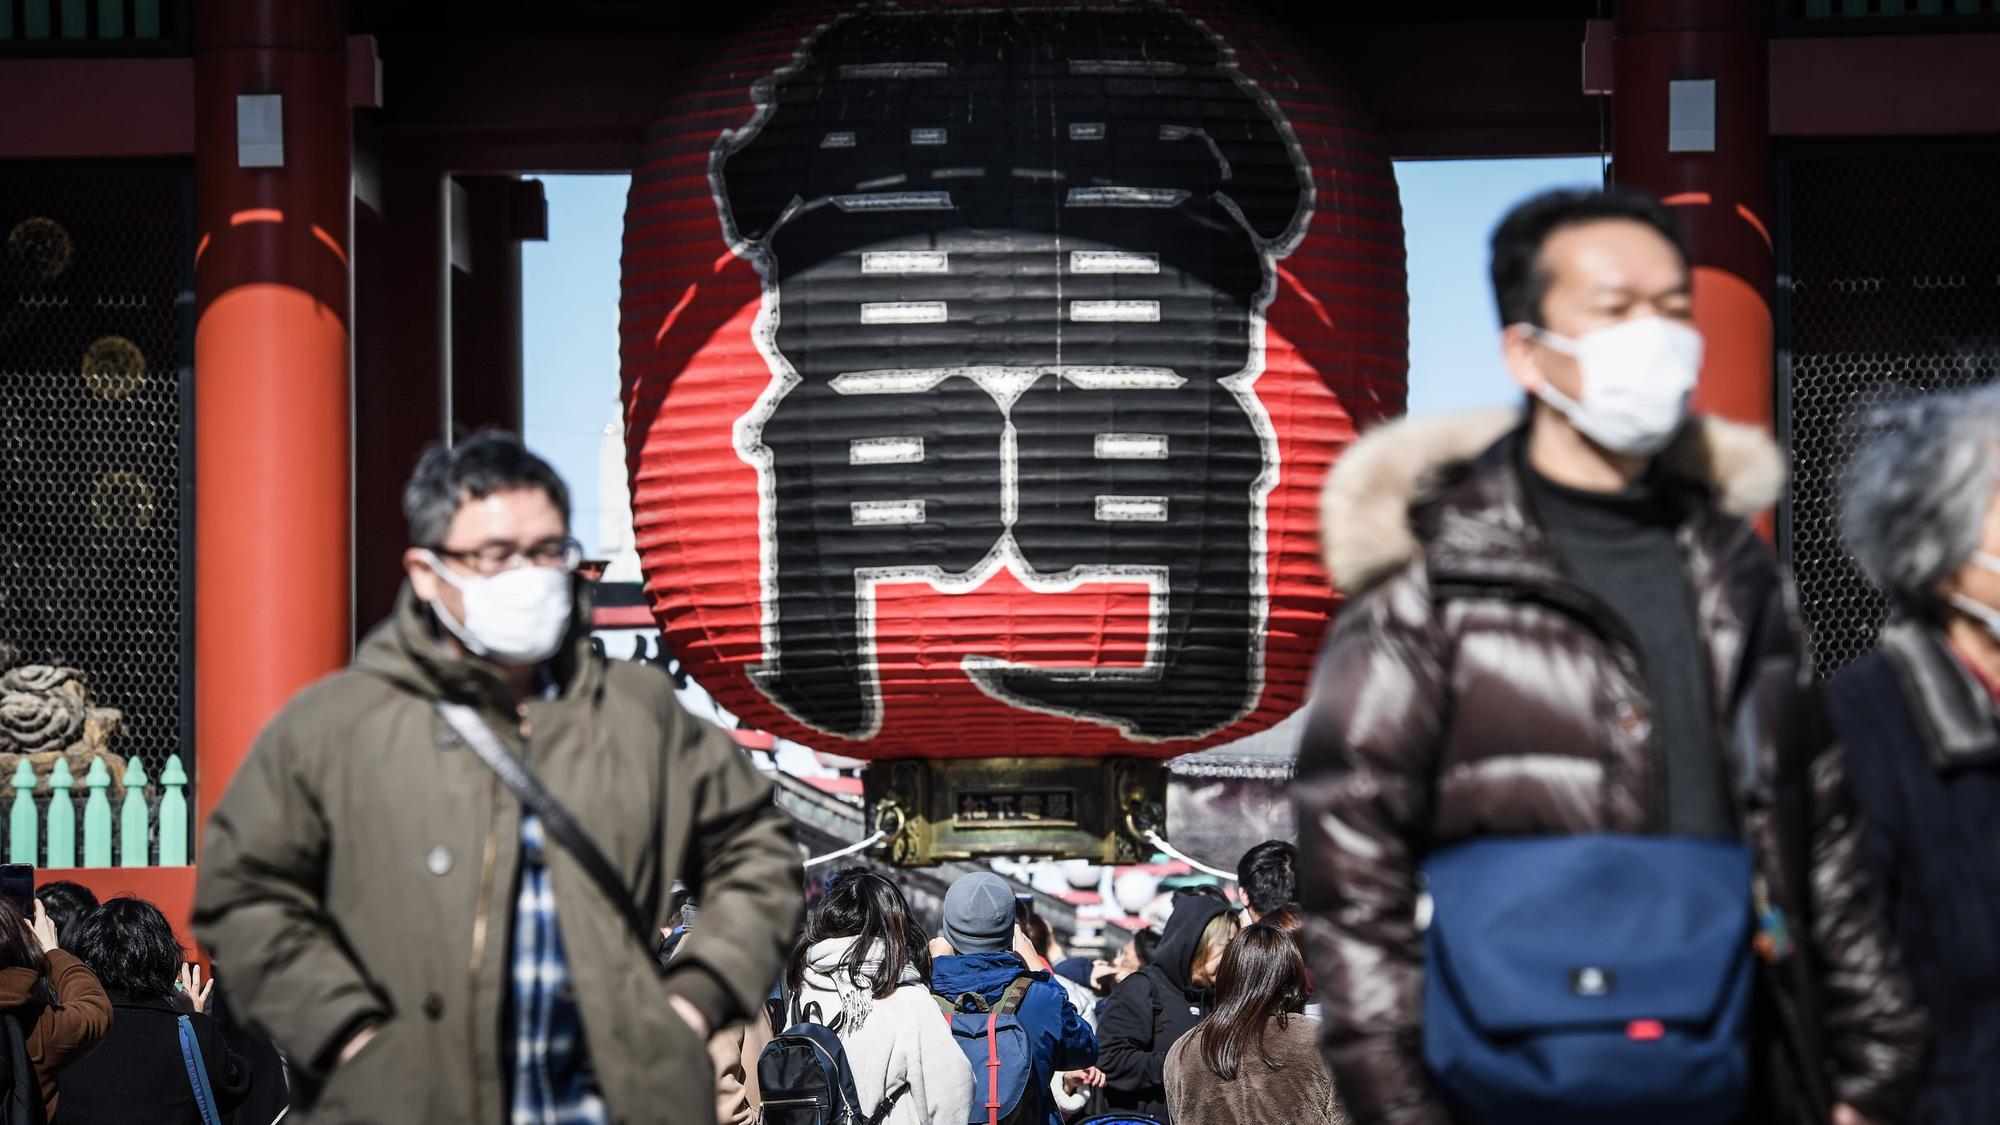 Tương tự nhiều quốc gia khác, ngành dịch vụ khách sạn ở Nhật Bản đang chịu ảnh hưởng nặng nề khi dịch bệnh virus corona bùng phát. Ảnh: Nikkei